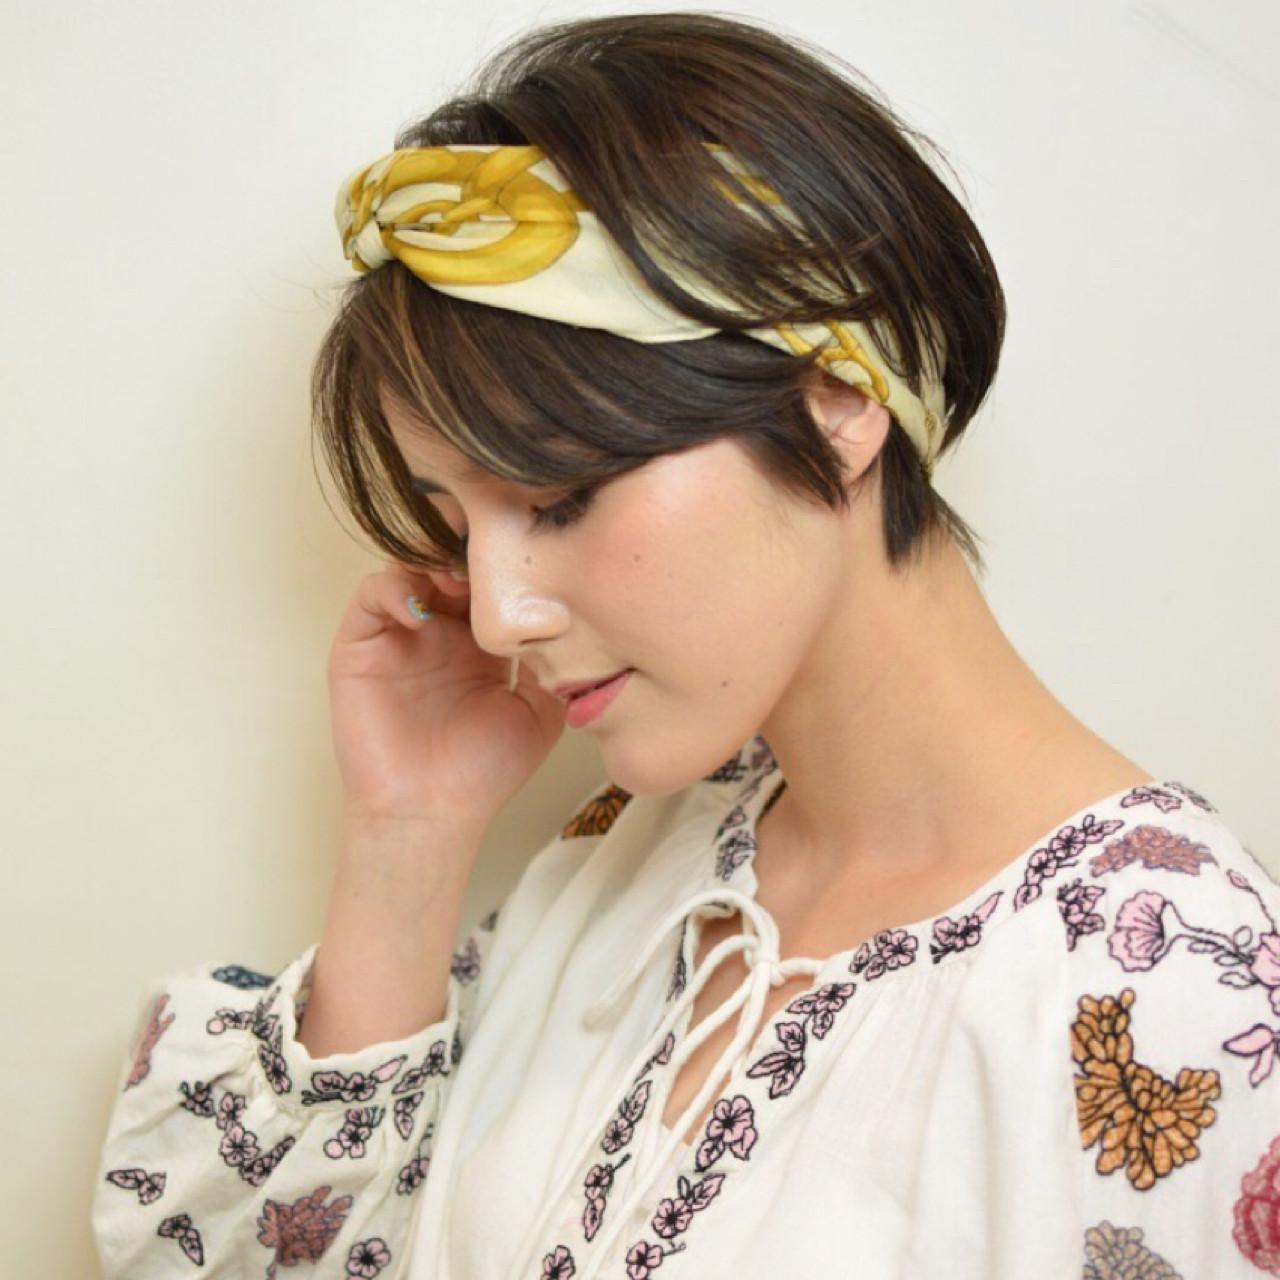 スカーフでショートの簡単アレンジヘア miyuki saito | lani hair